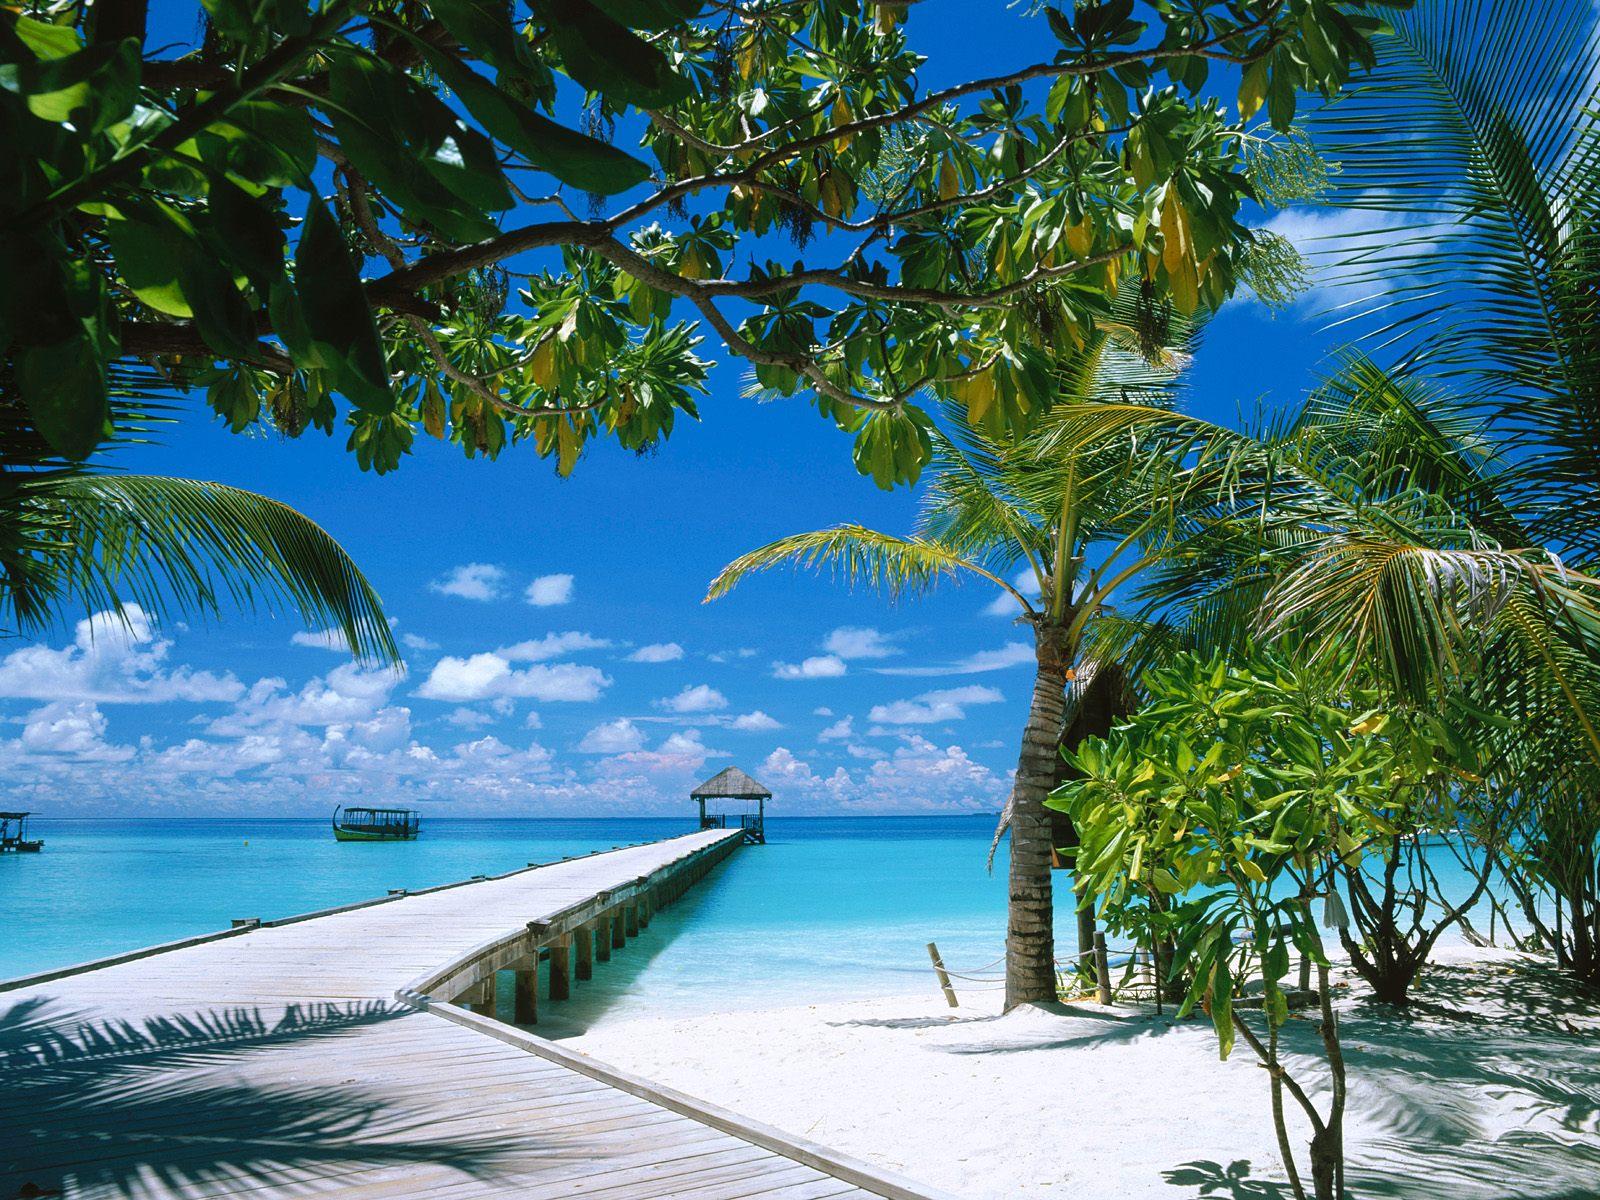 http://3.bp.blogspot.com/-jfq2R8_Ls14/T8n5Js0RF1I/AAAAAAAABOY/xPgvD7JRSBY/s1600/The-best-top-desktop-beach-wallpapers-hd-beach-wallpaper-15.jpg